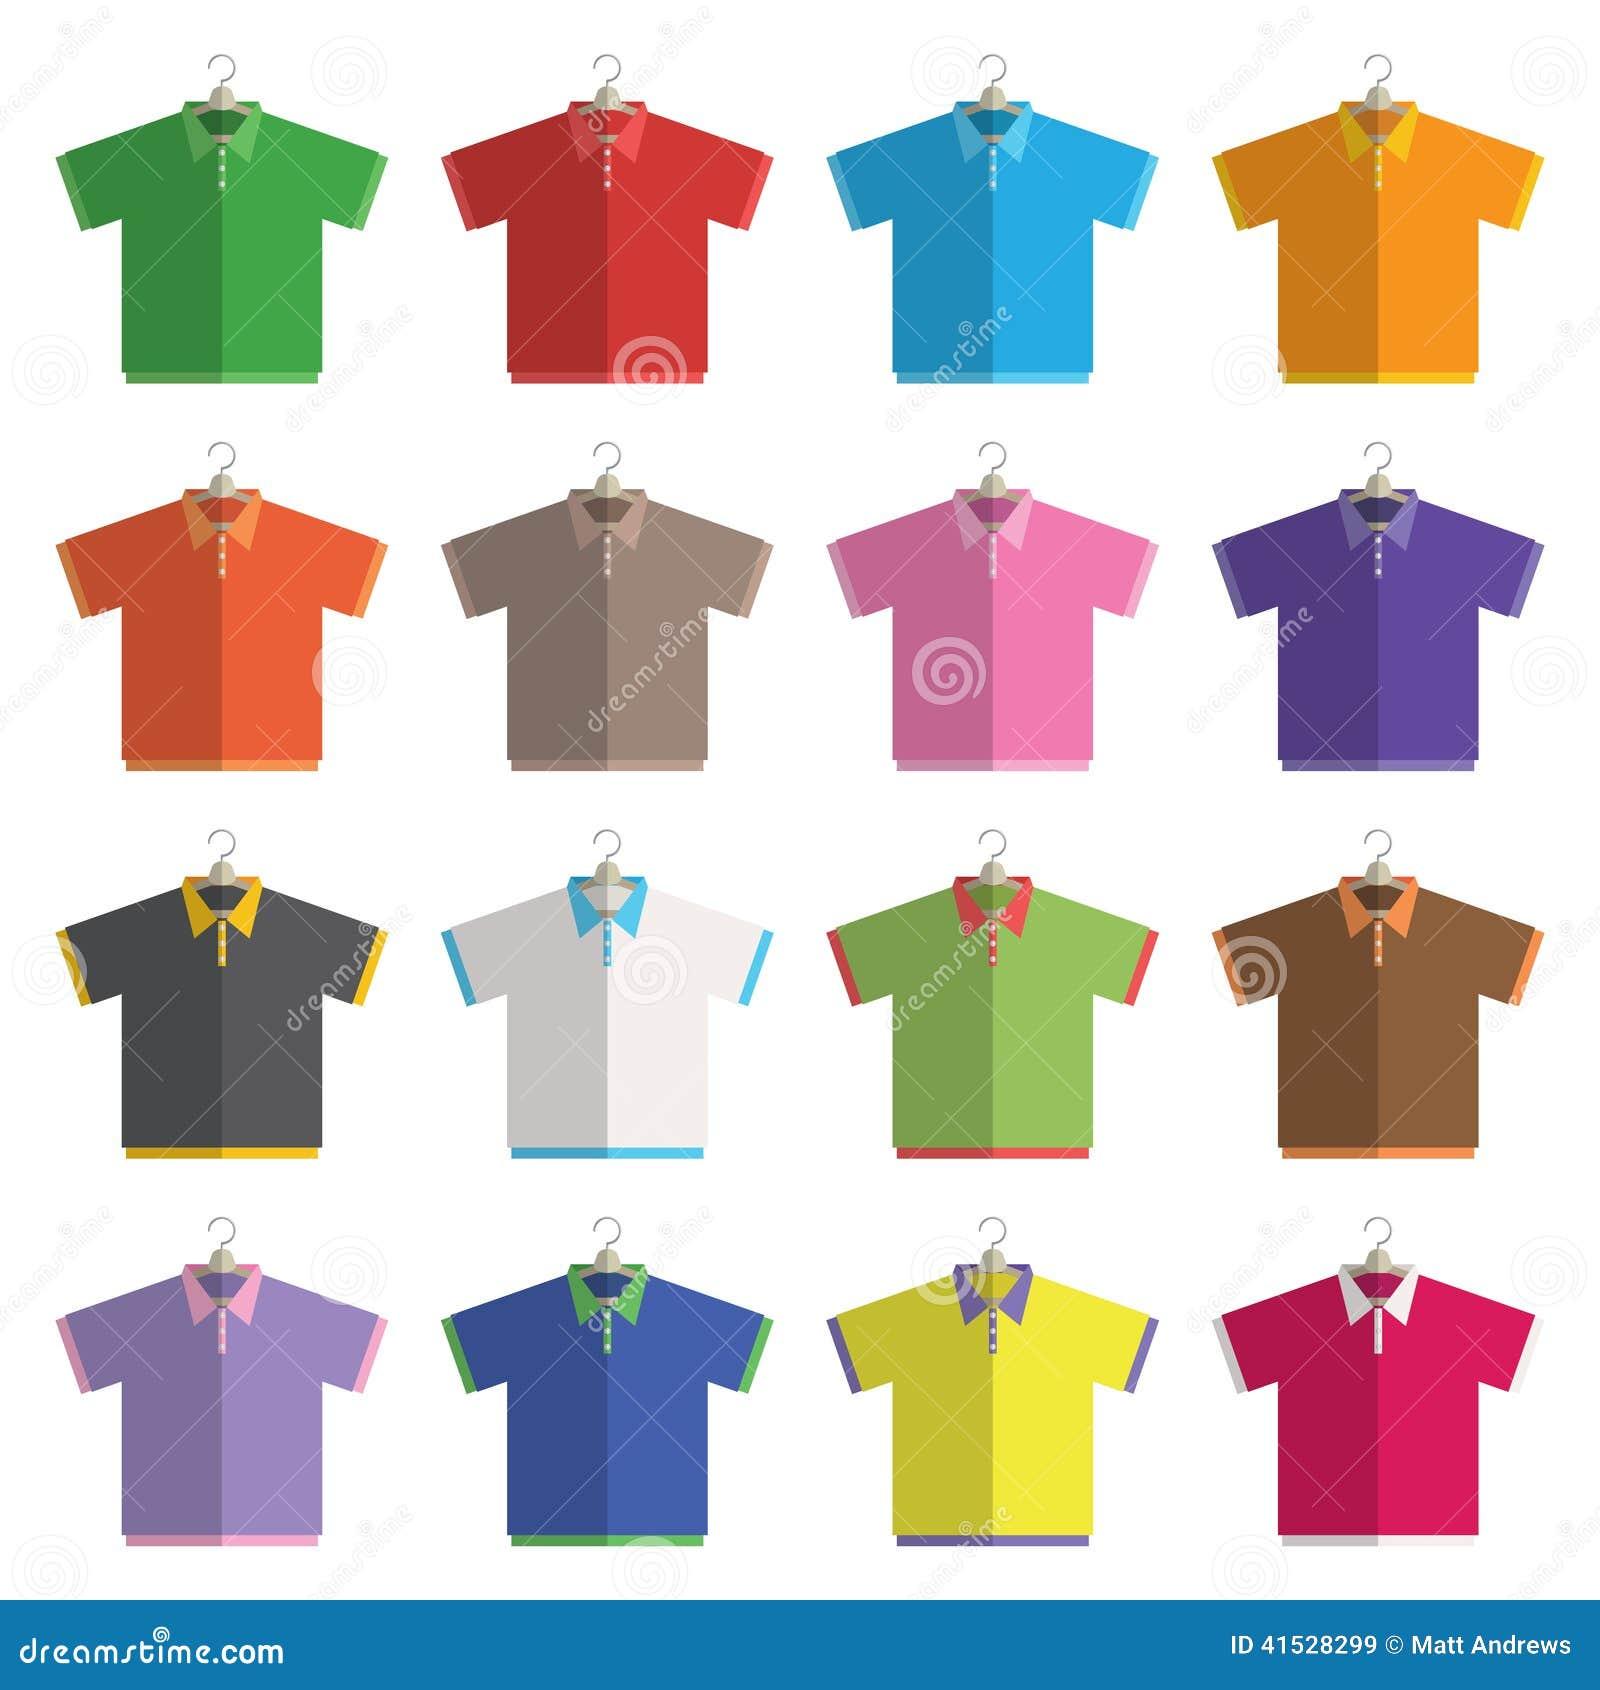 Polo shirt design vector - Polo Shirts